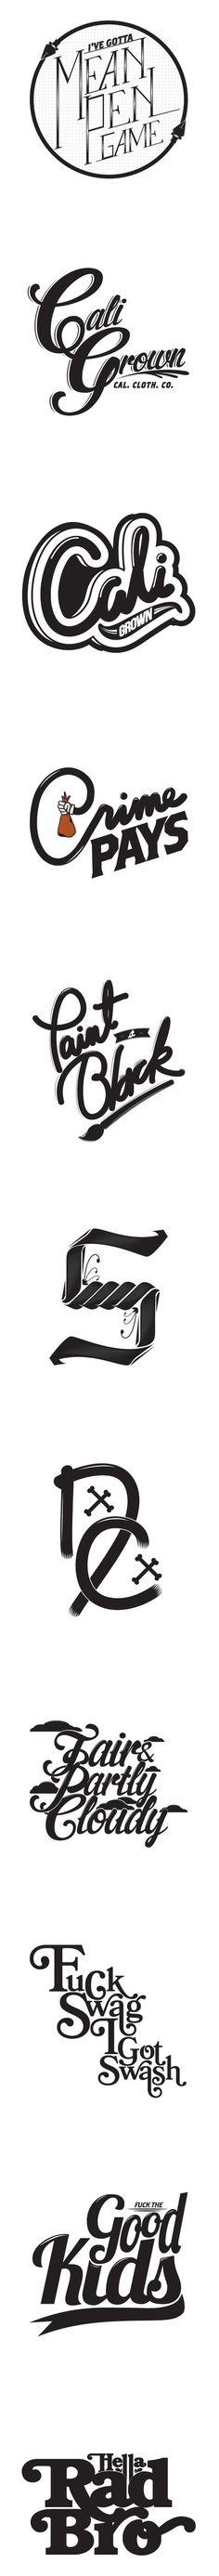 平面插画设计:字体,图形,设计 ——